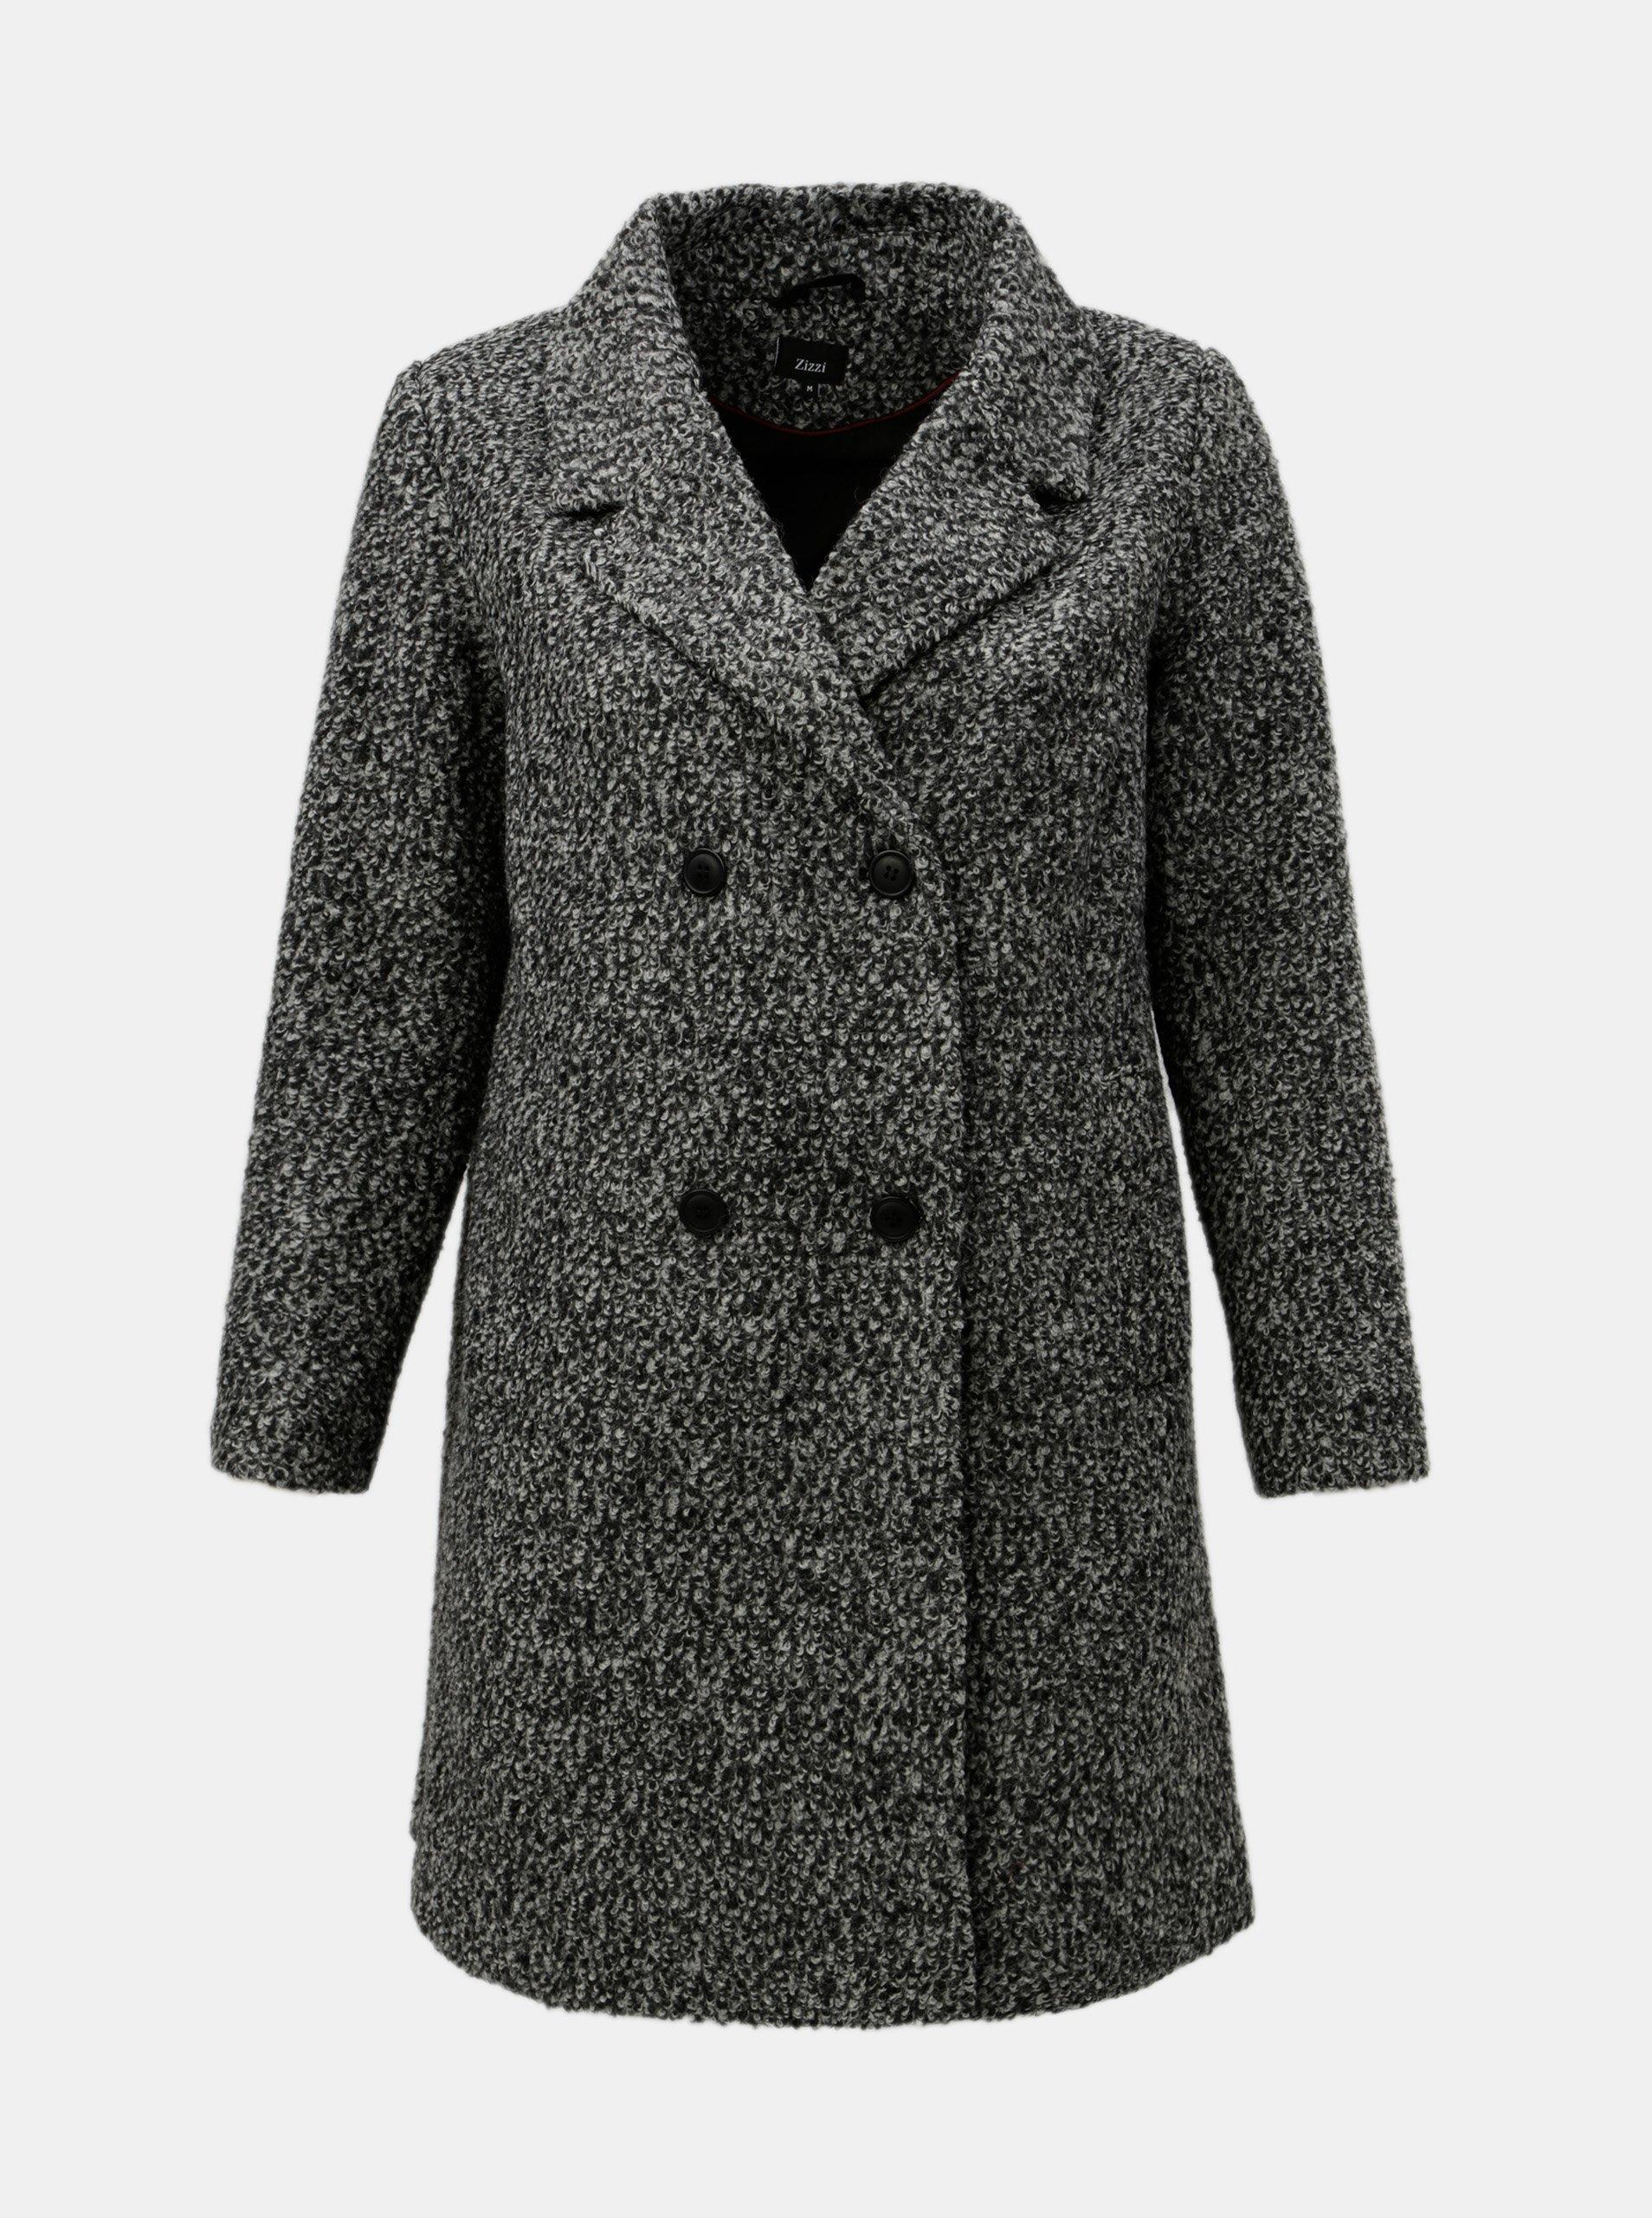 Šedý žíhaný vlněný kabát Zizzi 82c6e9c3fad